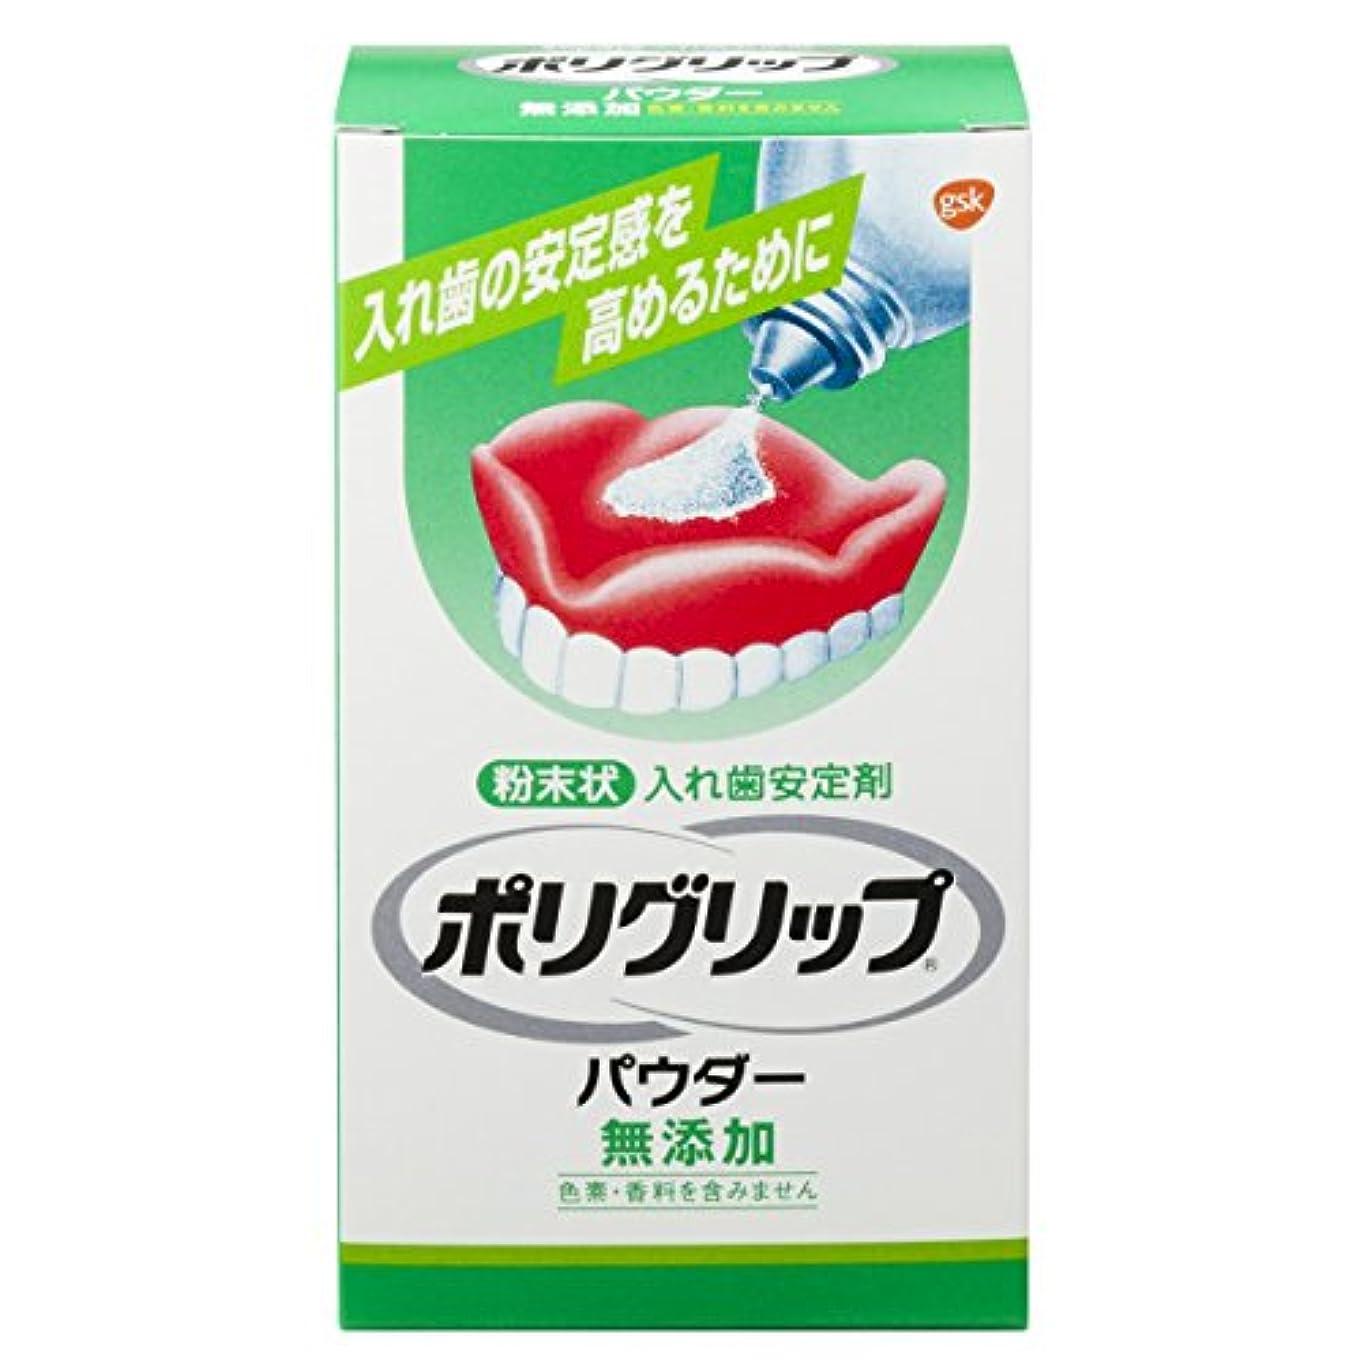 靴下メッセージどこにでも入れ歯安定剤 ポリグリップ パウダー無添加 50g